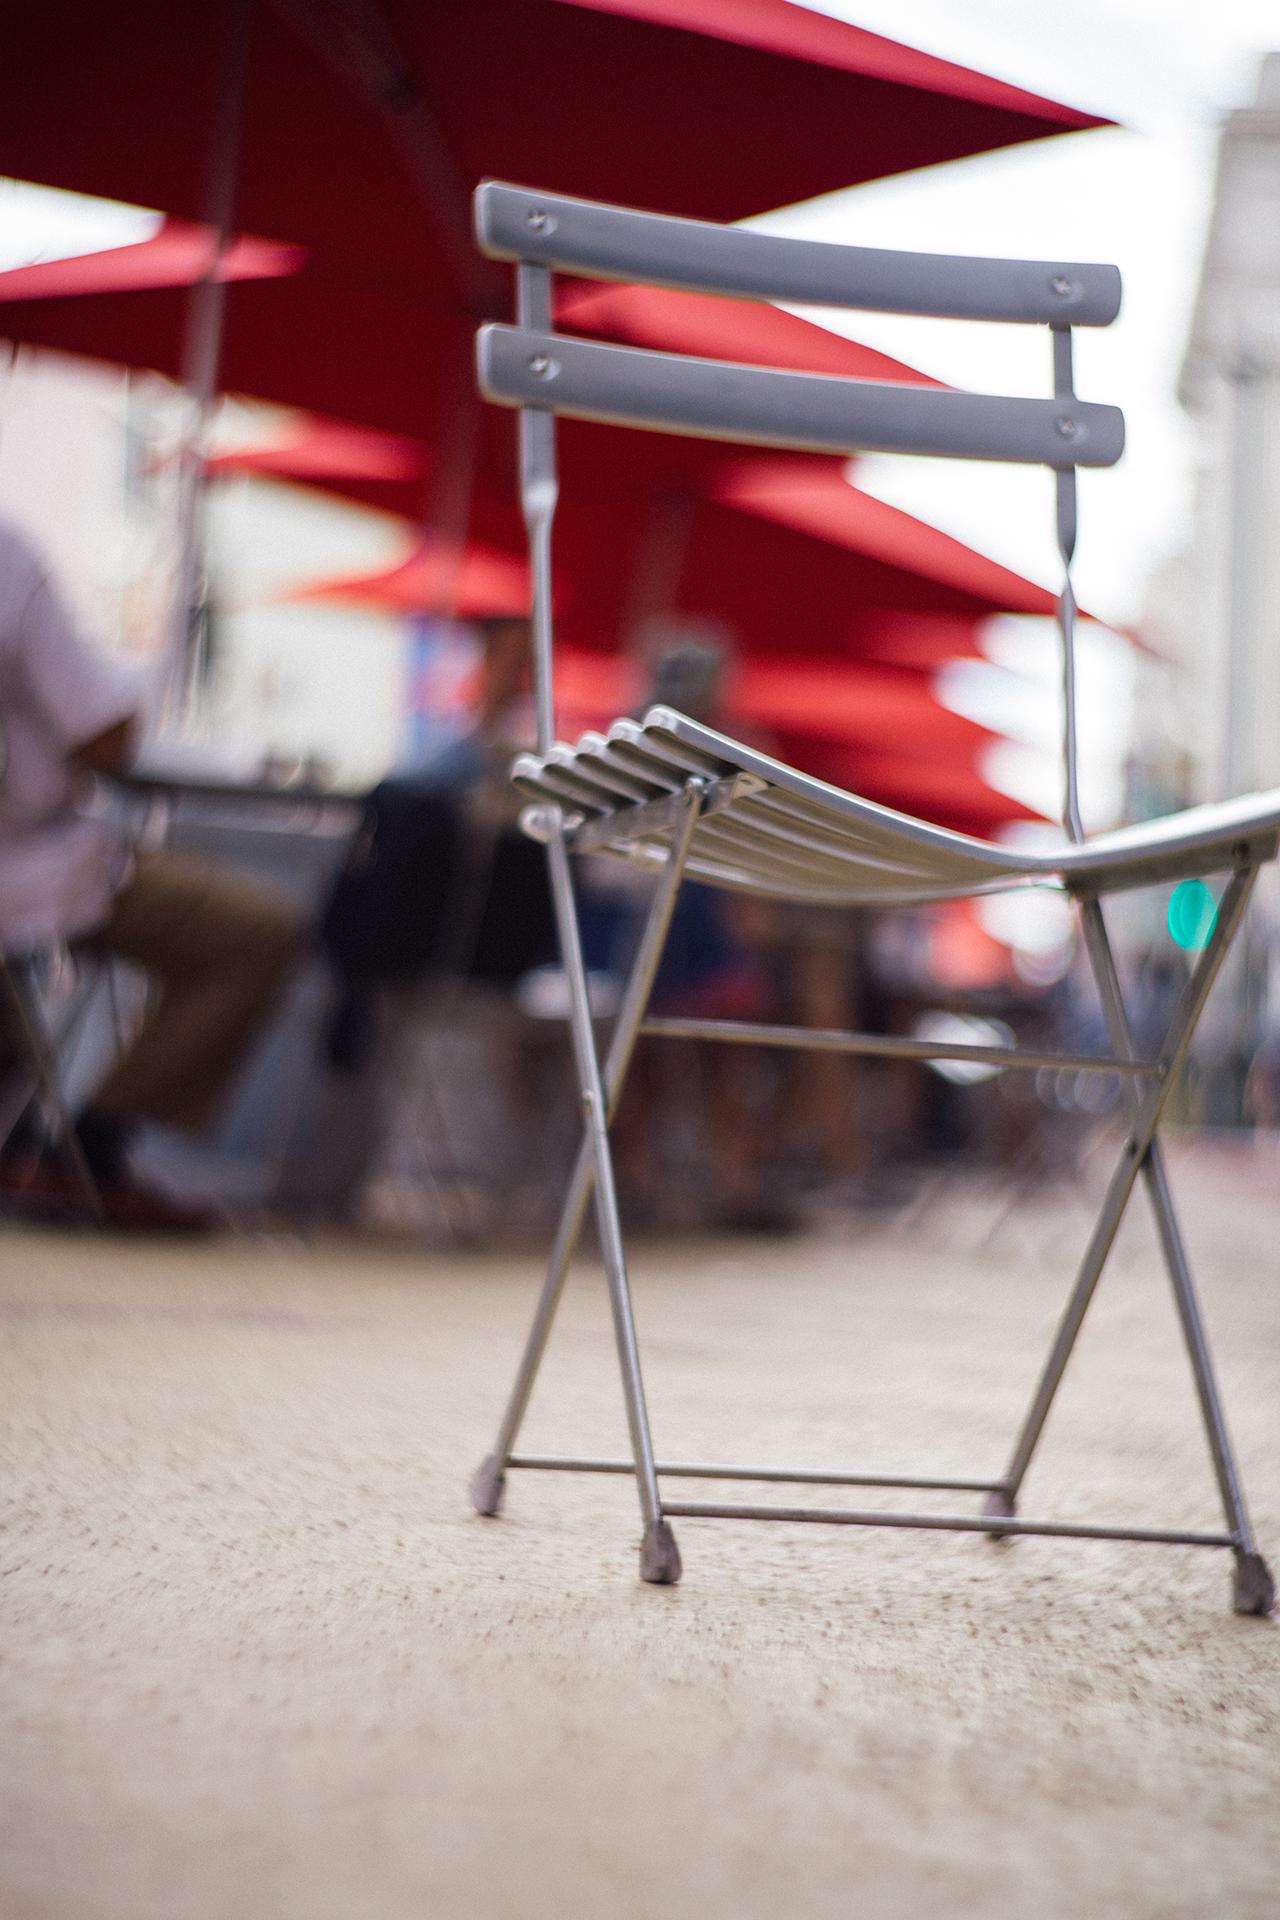 Rudy-Poe-chair-dtla-1-1920.jpg